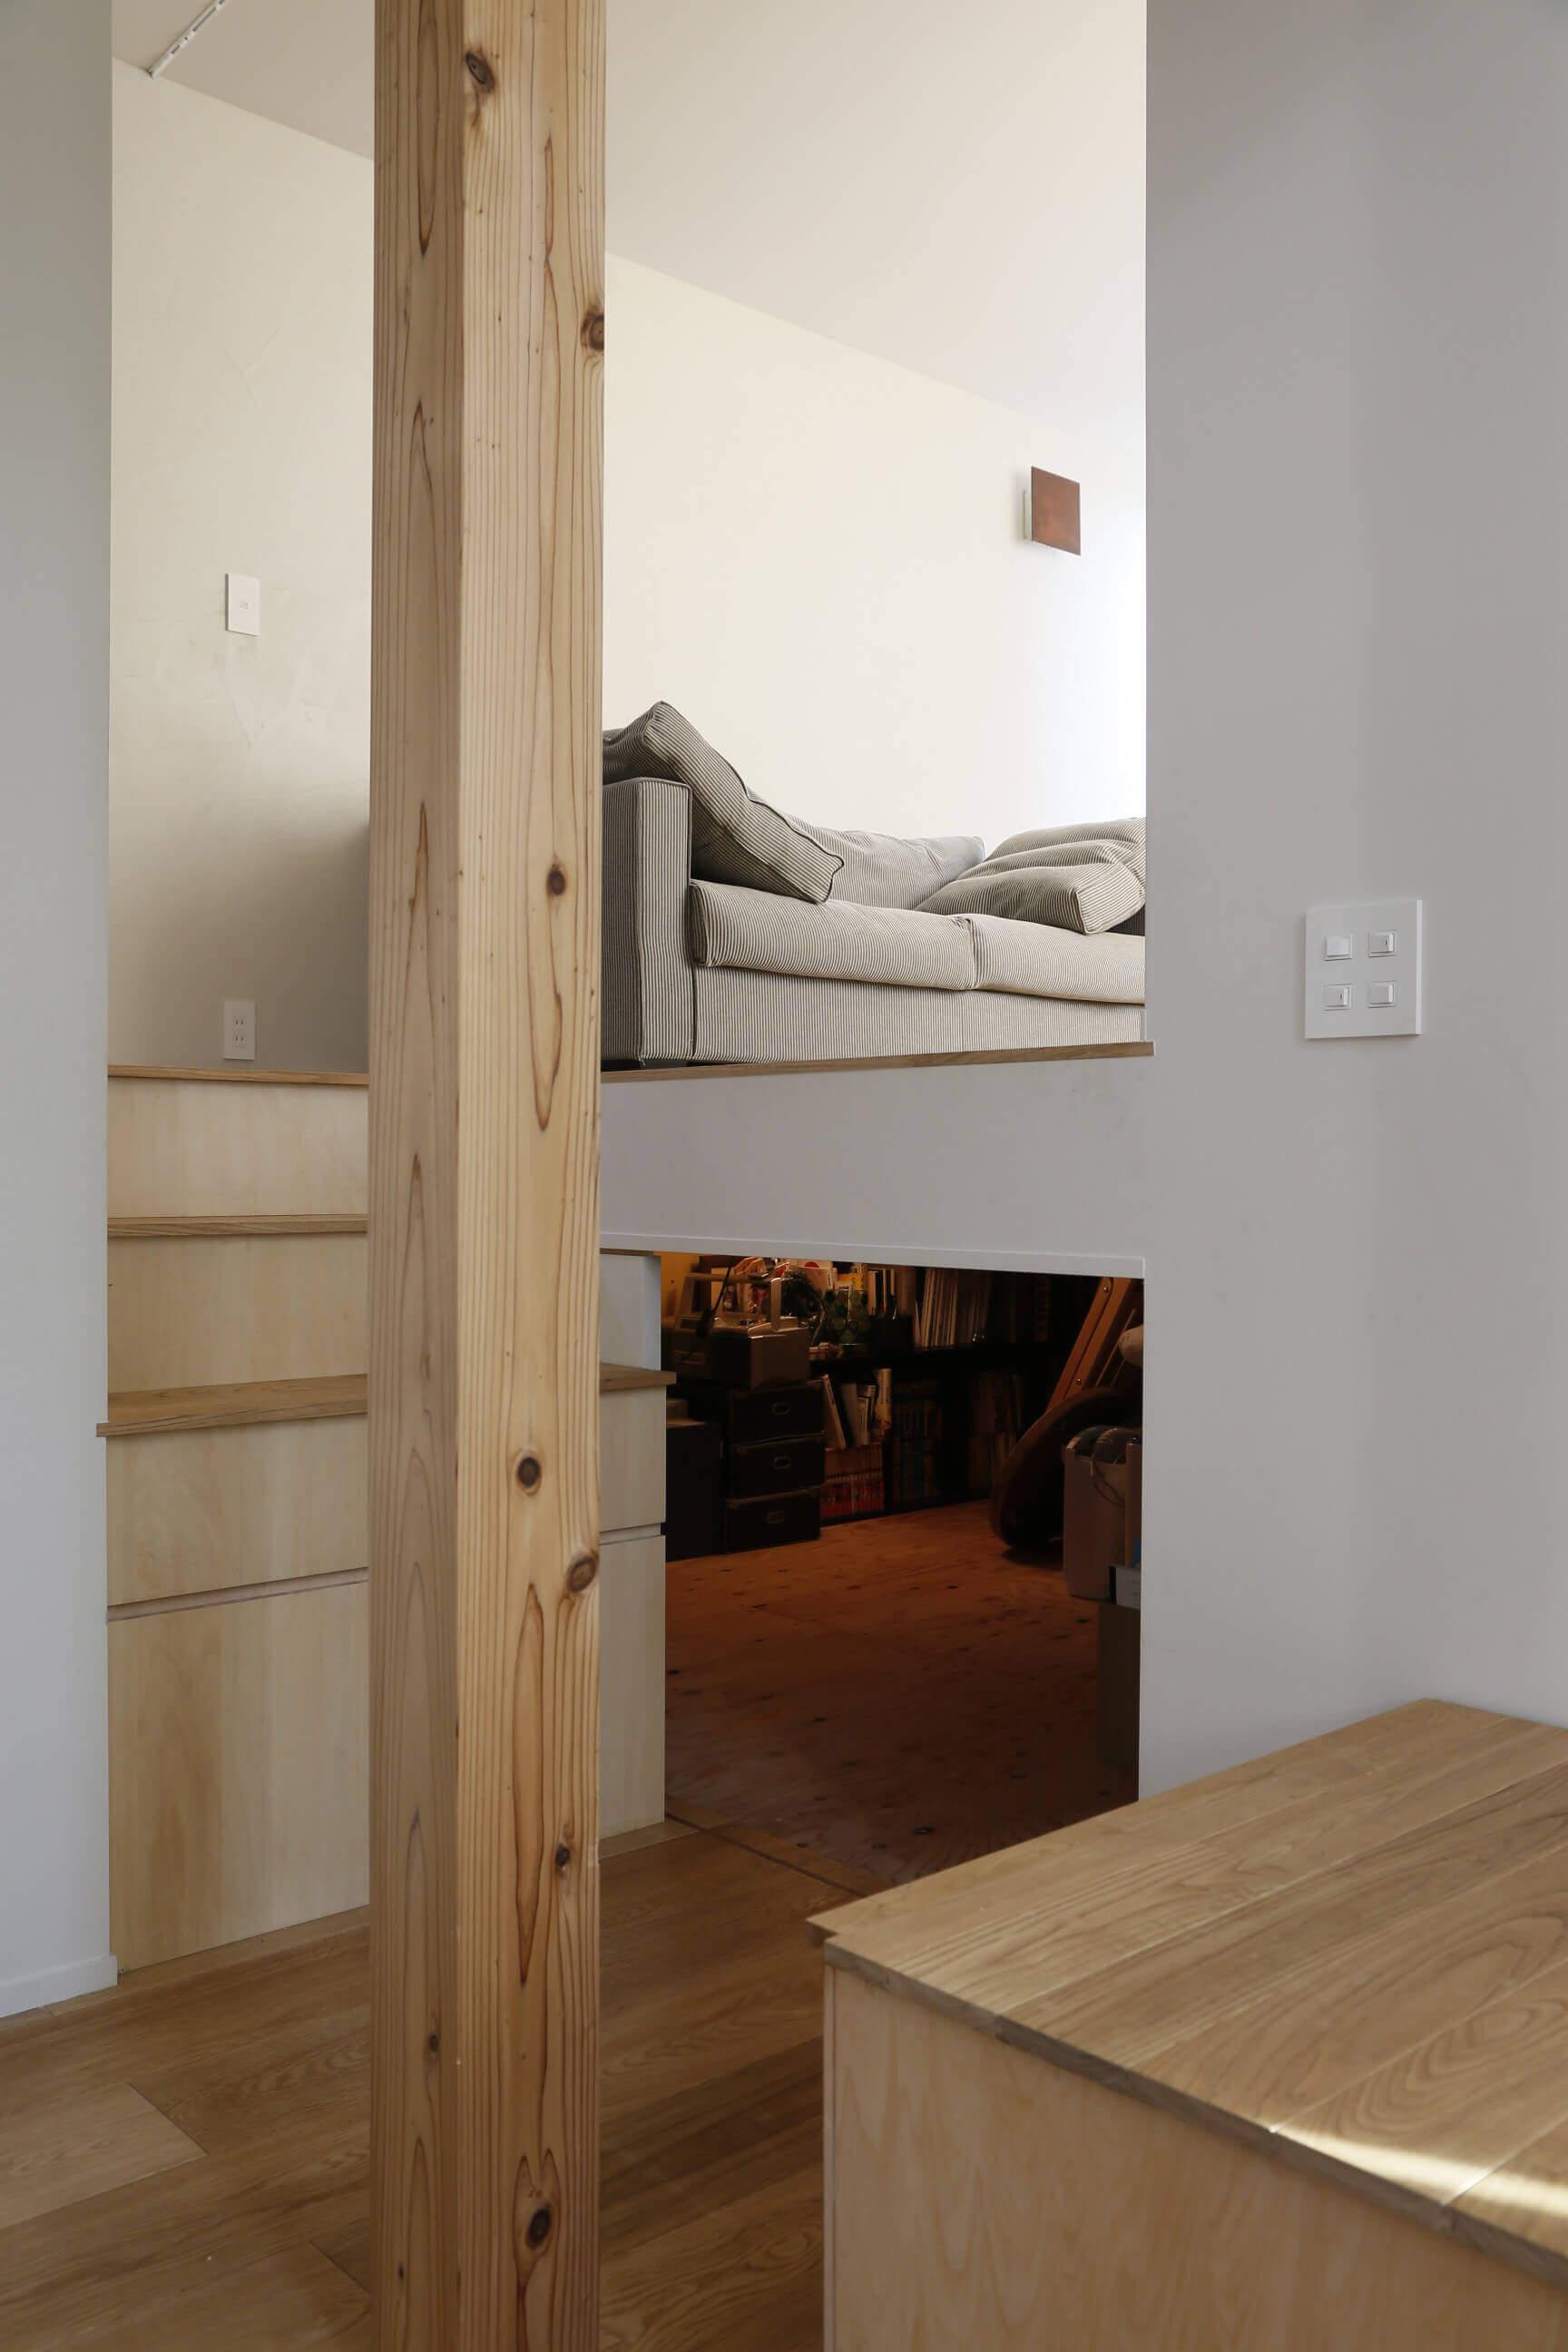 登戸Y邸の内装、床下収納。2段目までの階段は可動式